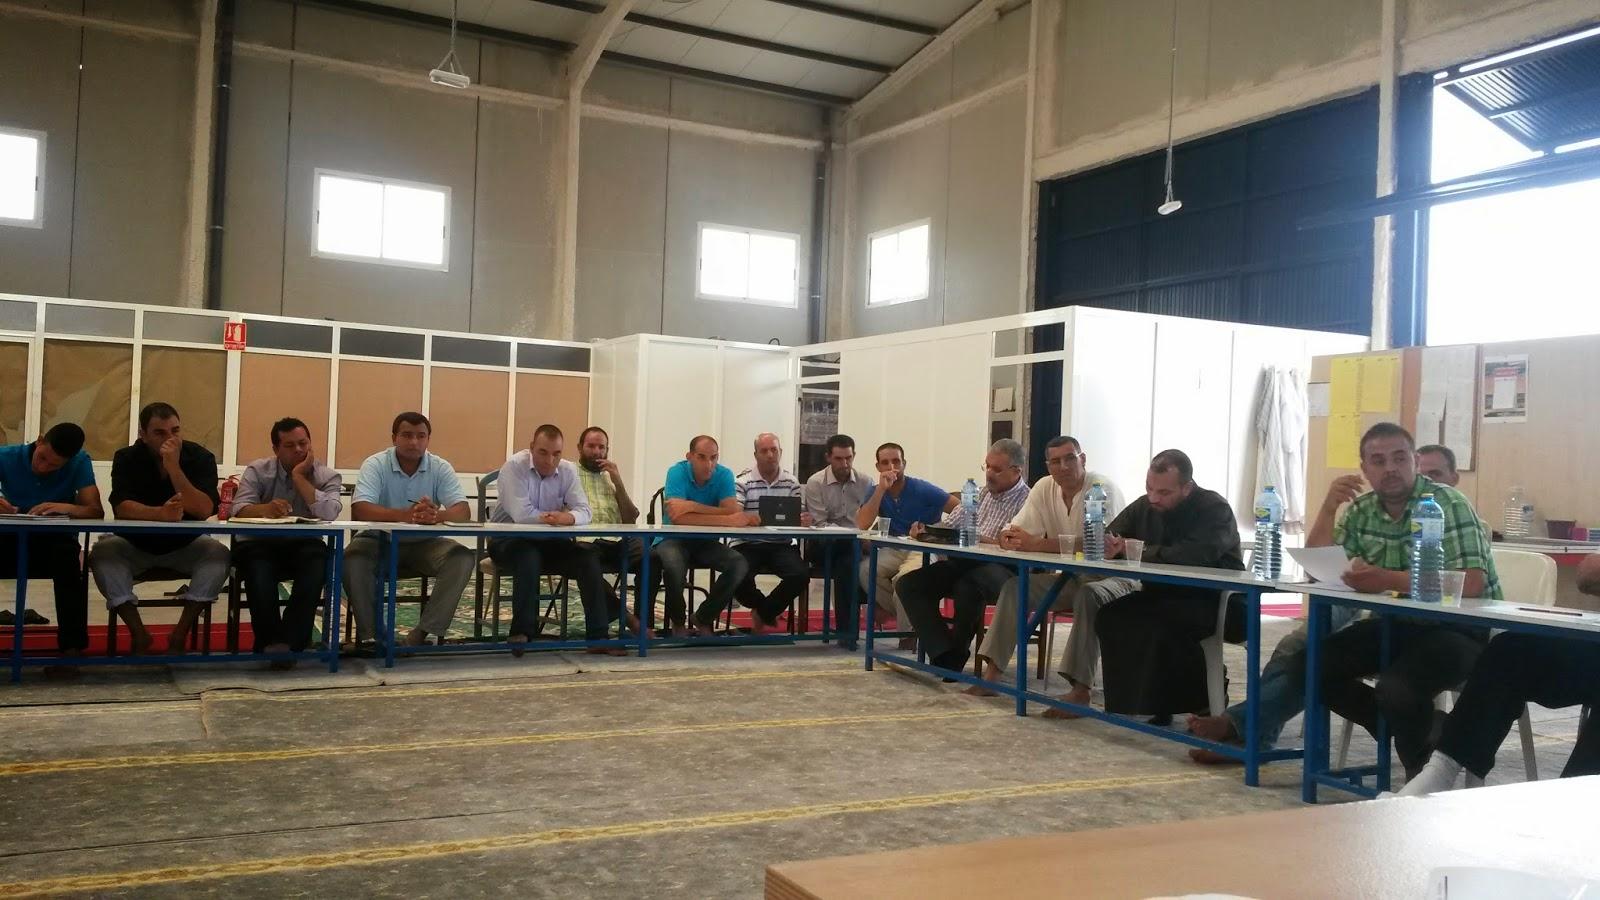 El Pasado Domingo Se Desarrollo Un Encuentro De Las Diferentes Comunidades Islamicas De Ucid Valencia Y Ucid Murcia En Granja De Rocamora Alhuda